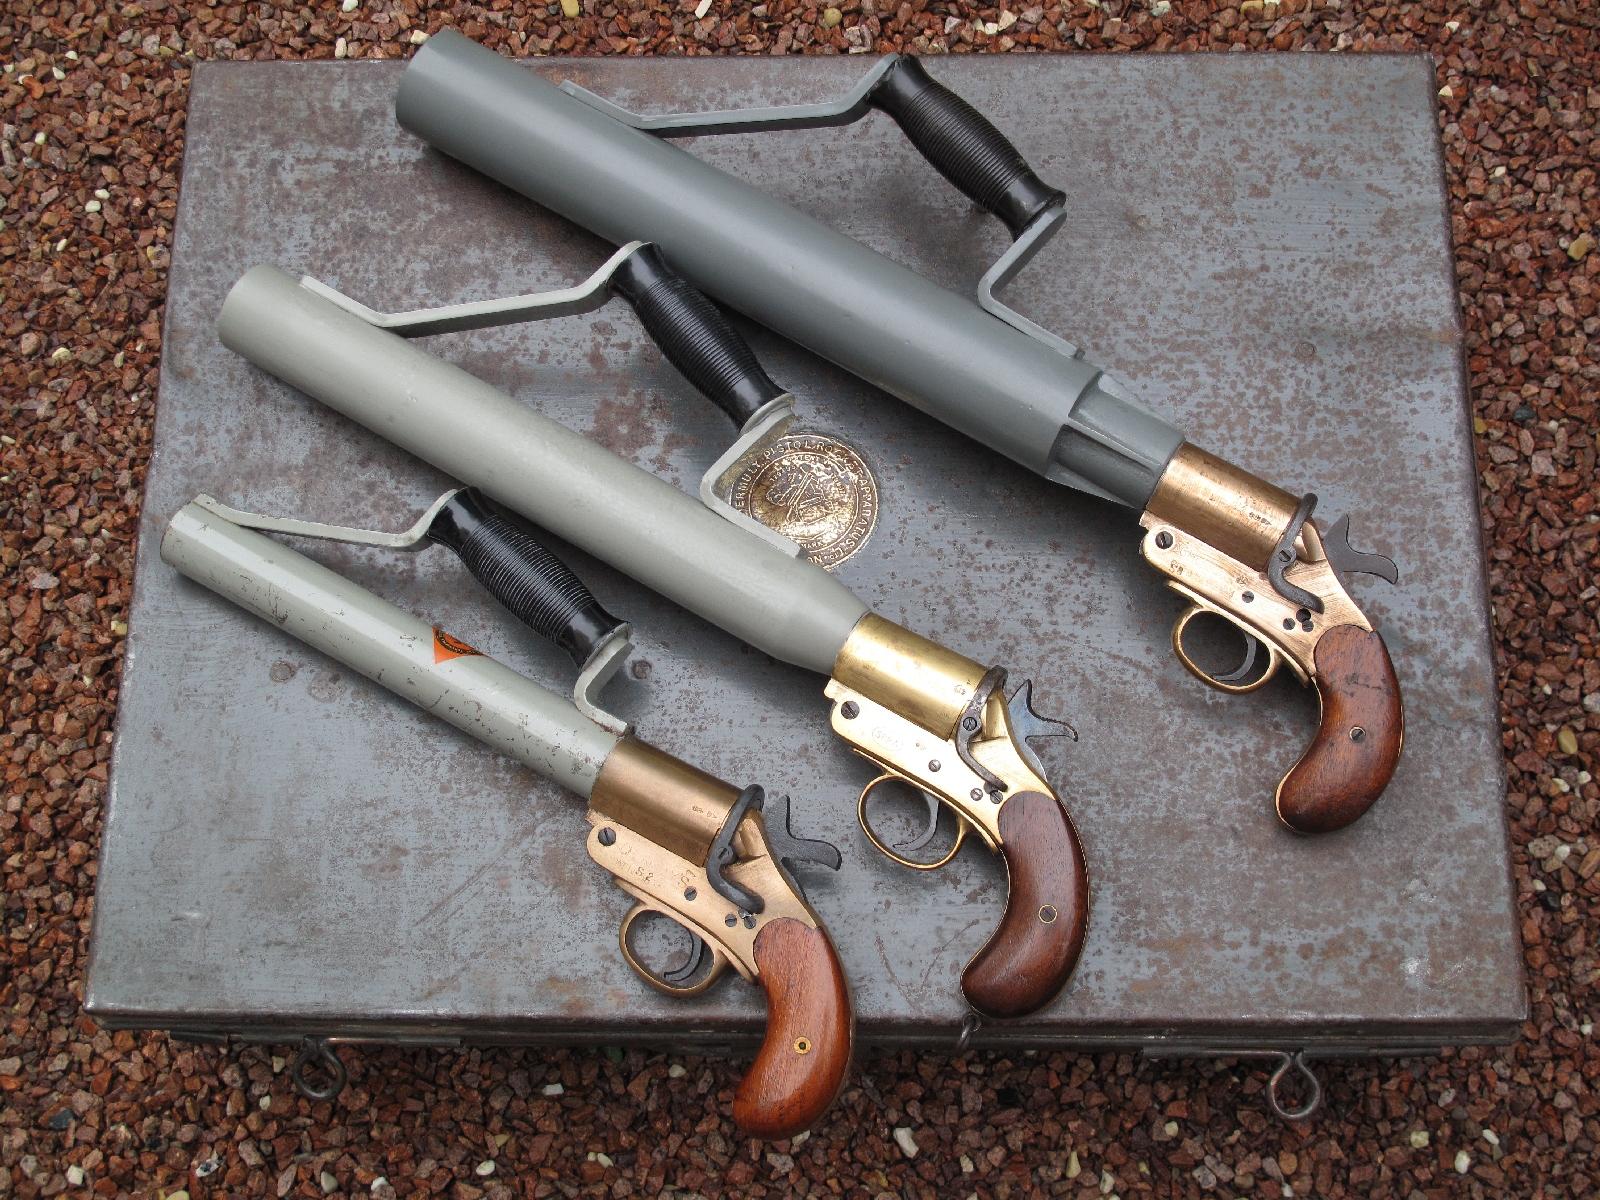 Il existe une très grande variété de pistolets lance-amarres Schermuly, qui diffèrent notamment par la taille de leur tube, lequel peut être de 32, 42 ou 52 mm de diamètre intérieur.